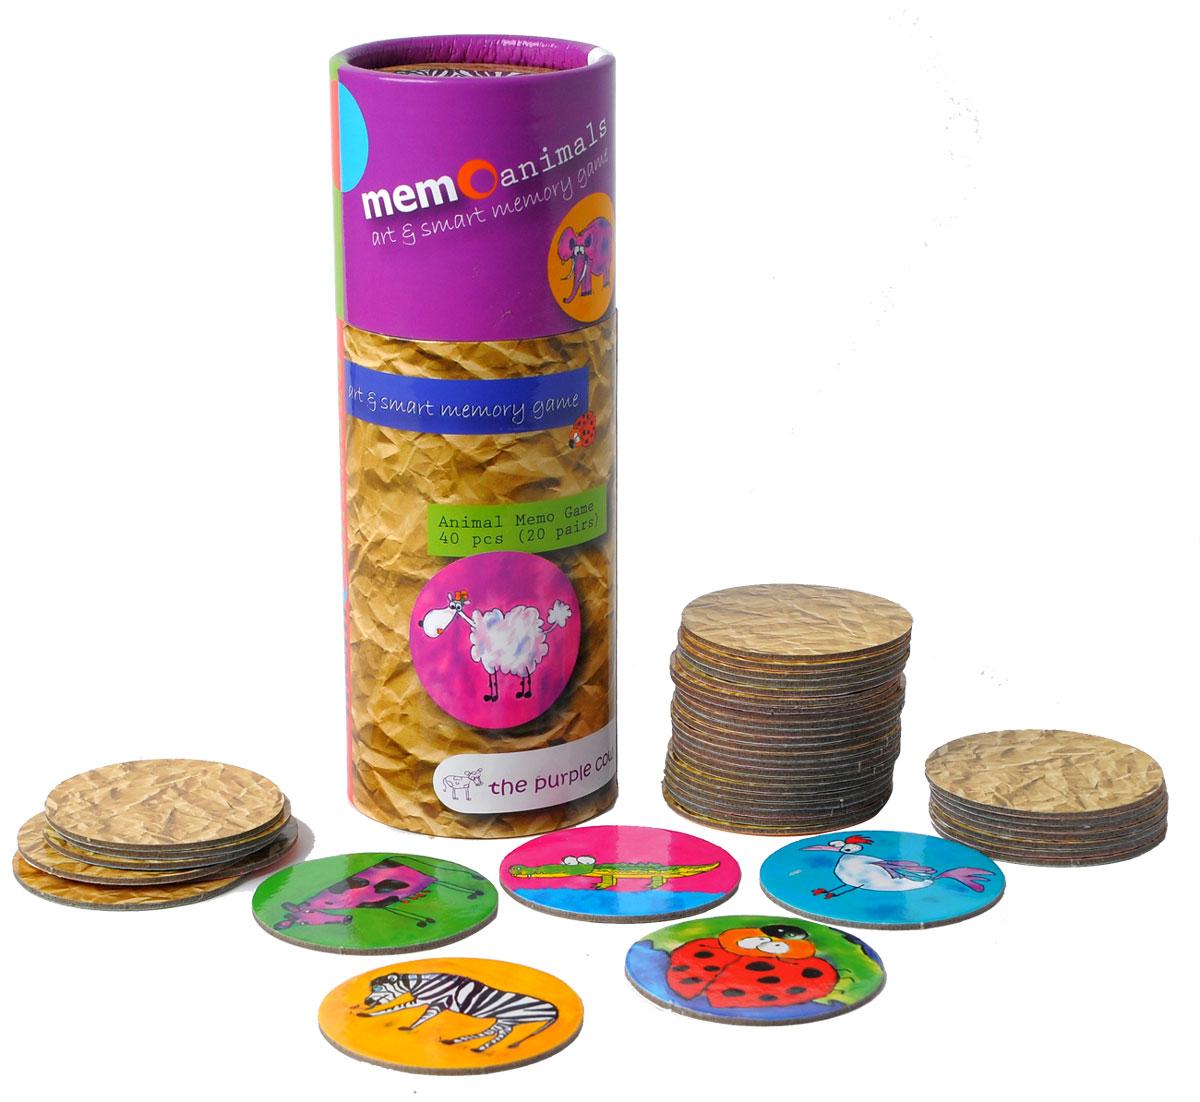 The Purple Cow Настольная игра для развития памяти Животные368880Игра для развития памяти - Животные. Она состоит колоды из парных карточек. Колода тщательно перемешиваются между собой и раскладываются в случайном порядке «рубашкой» вверх в любом порядке, главное, чтобы карточки не перекрывали друг друга. Каждый игрок может открывать любые две карточки за один ход. Если при открытии образовалась «парочка», то игрок забирает обе карточки себе и делает следующий ход. Если картинки на перевернутых карточках разные, то игрок кладет открытые карточки на их прежнее место лицевой стороной вверх так, чтобы все участники игры могли на них посмотреть и запомнить их расположение, после чего открытые карточки переворачивают обратно «рубашкой» вверх и ход переходит к следующему игроку. Выигрывает тот, кто набирает больше всех парных карточек за игру.